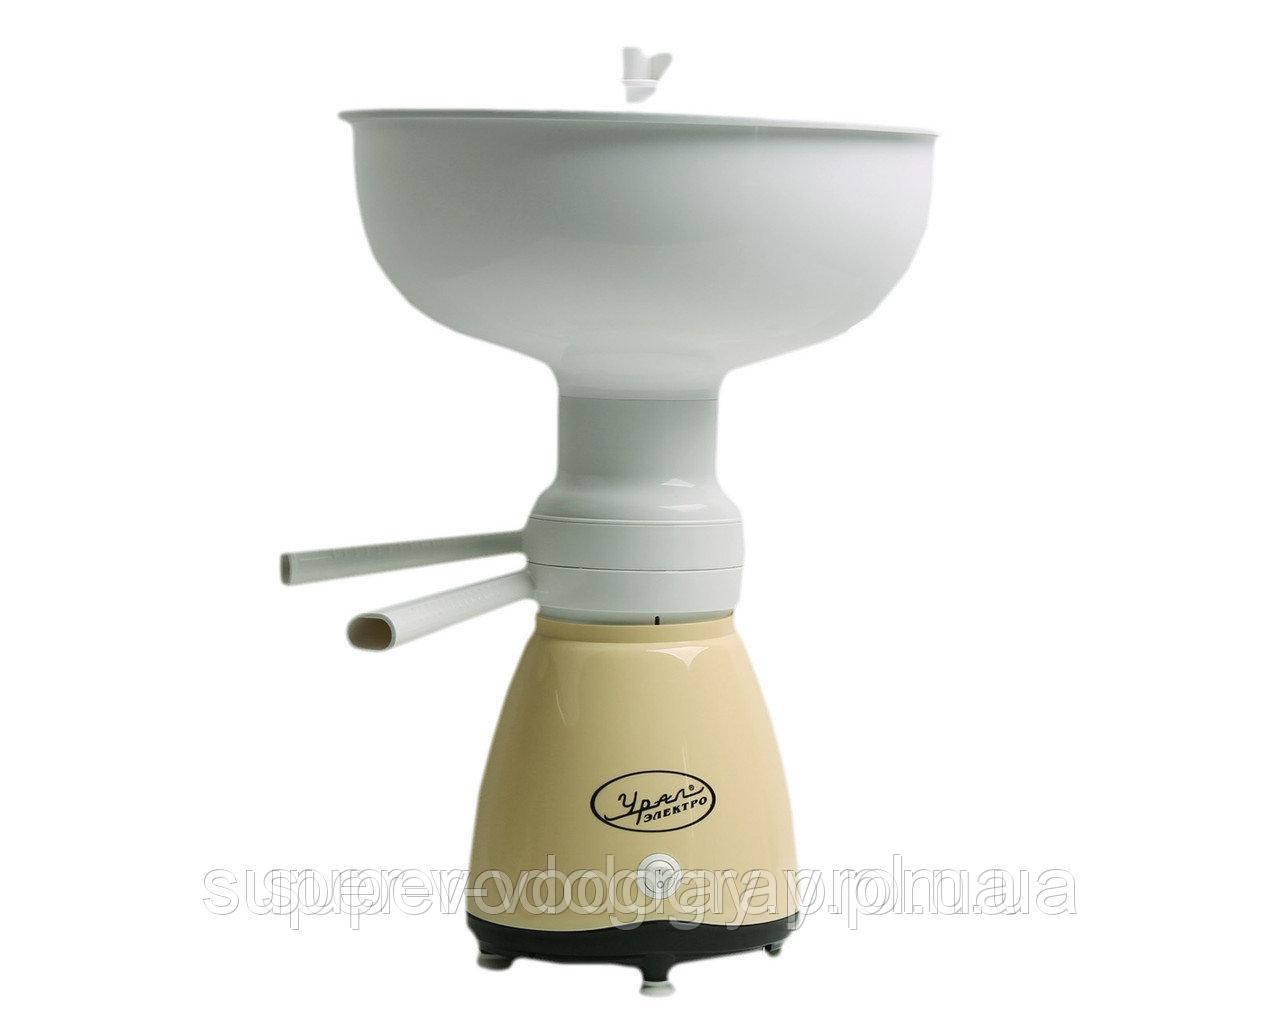 Сепаратор для молока Урал CM-19-DT